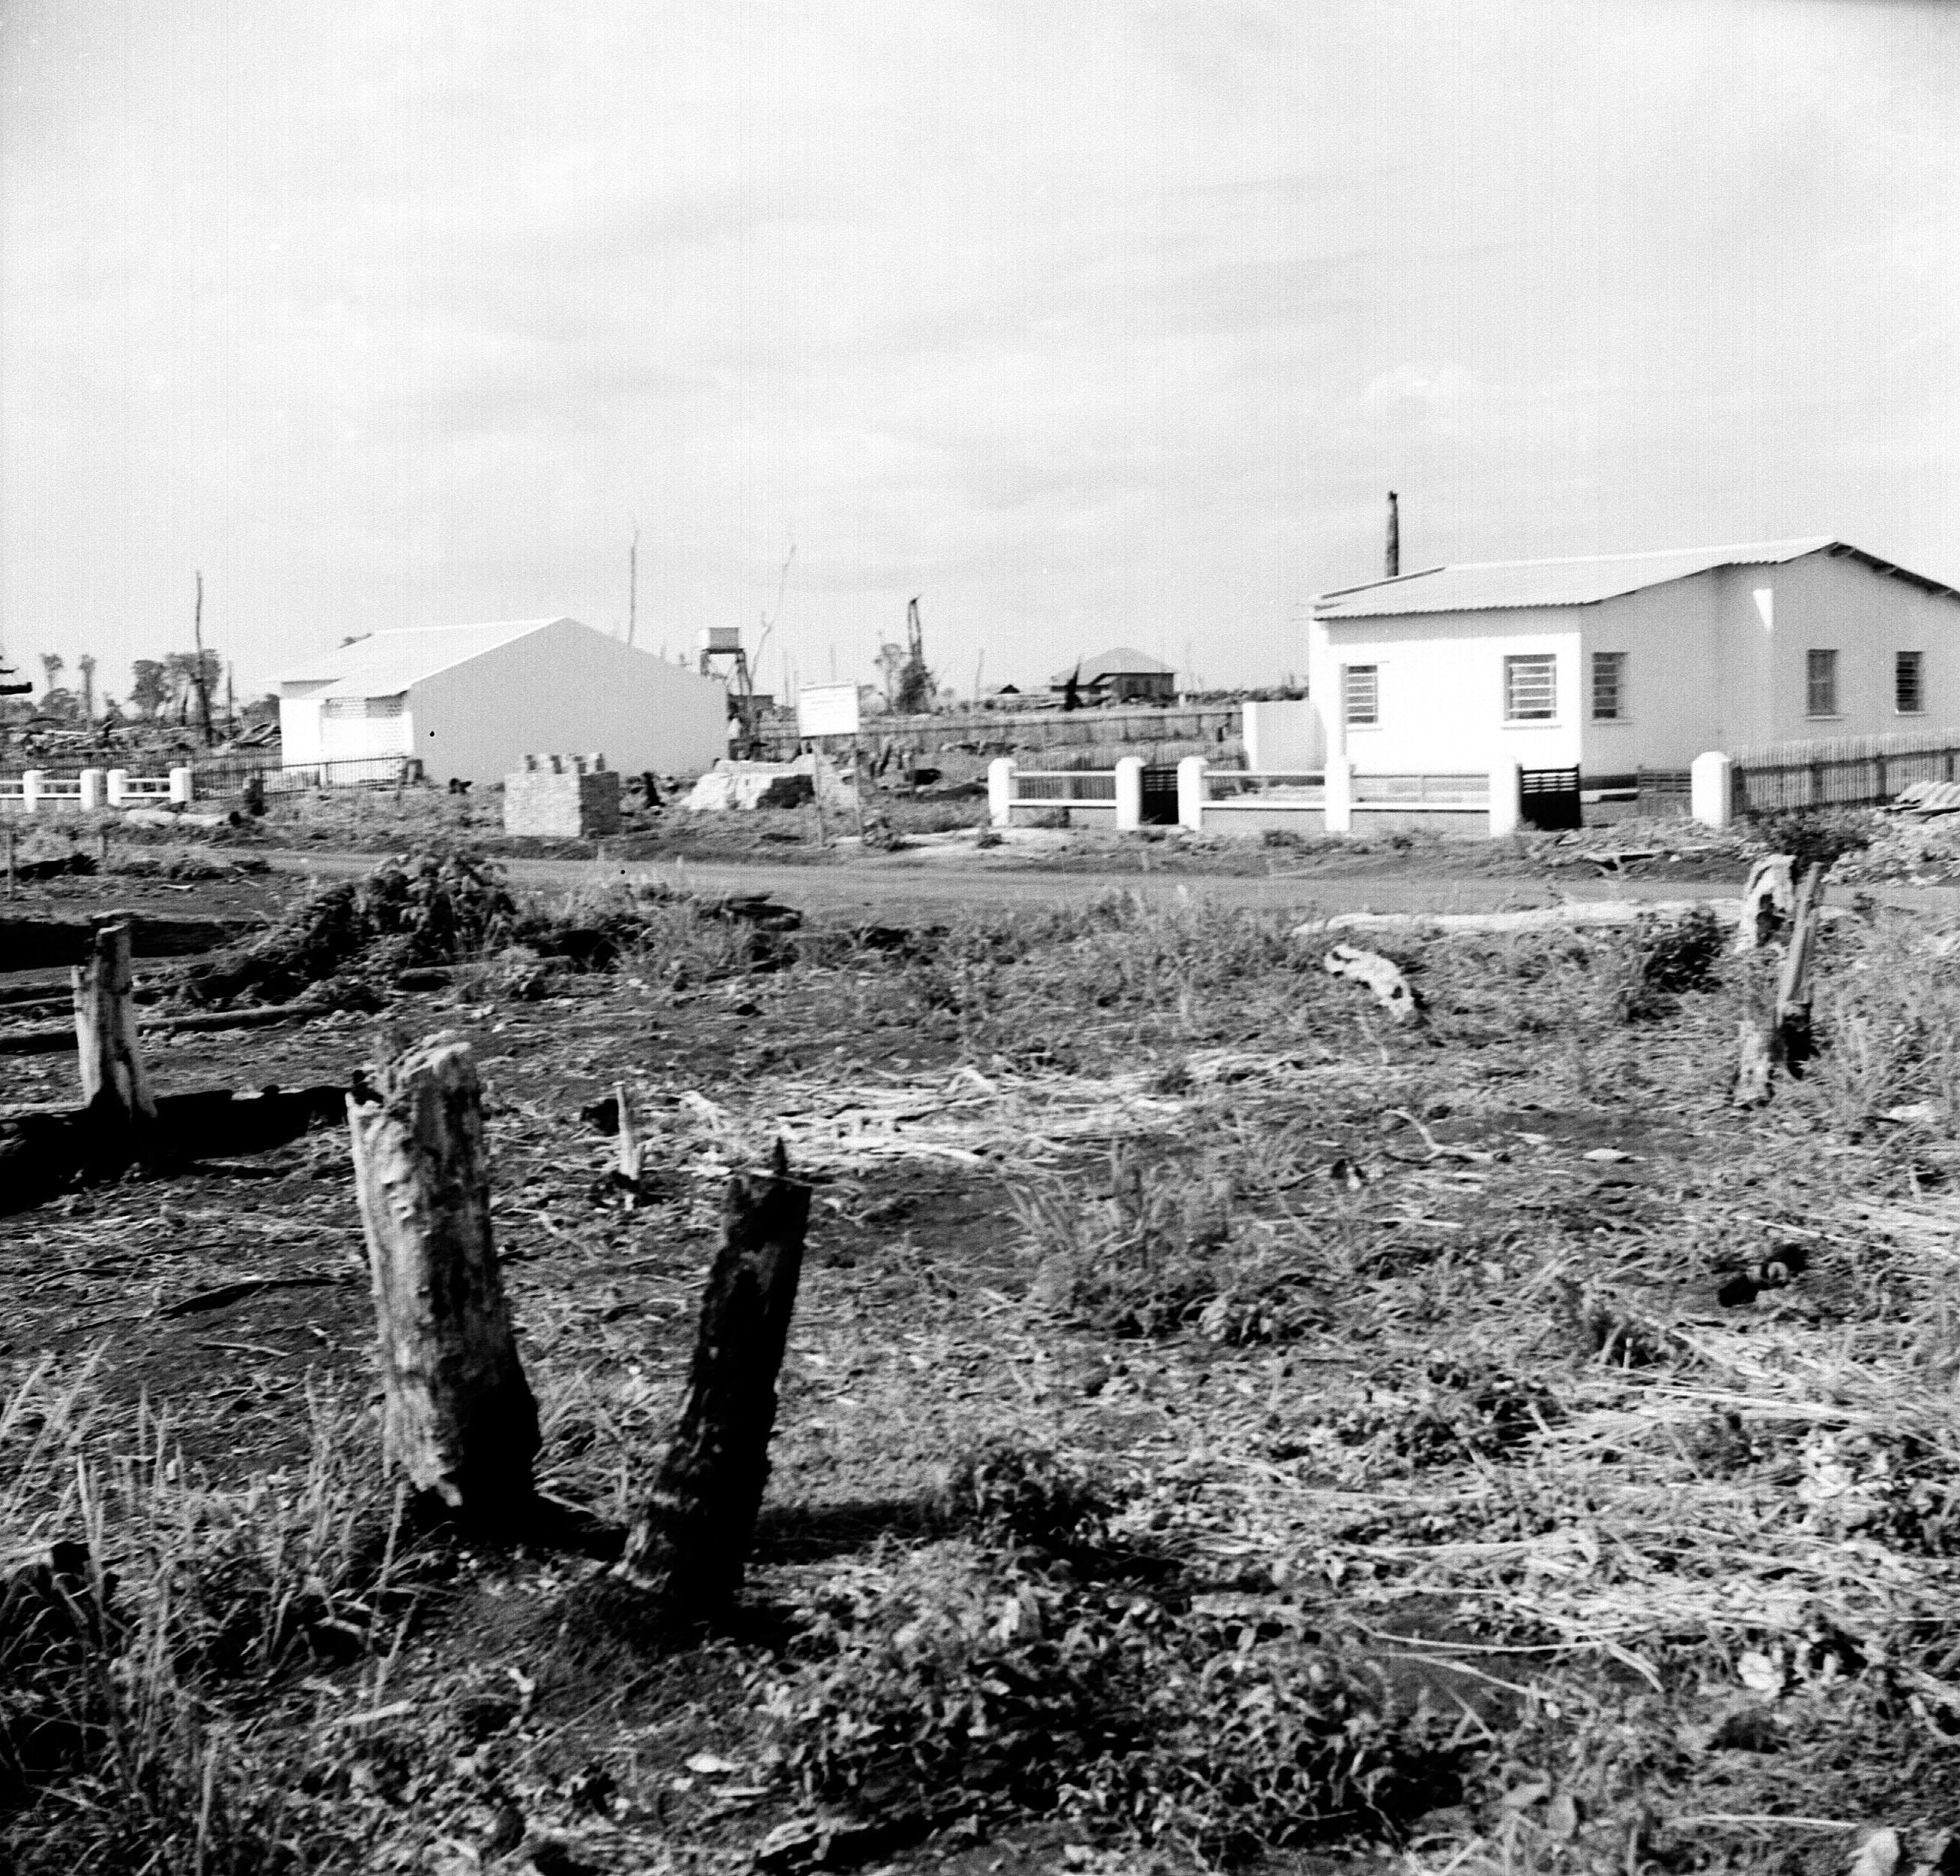 Tocos e casas - Final dos anos 1940